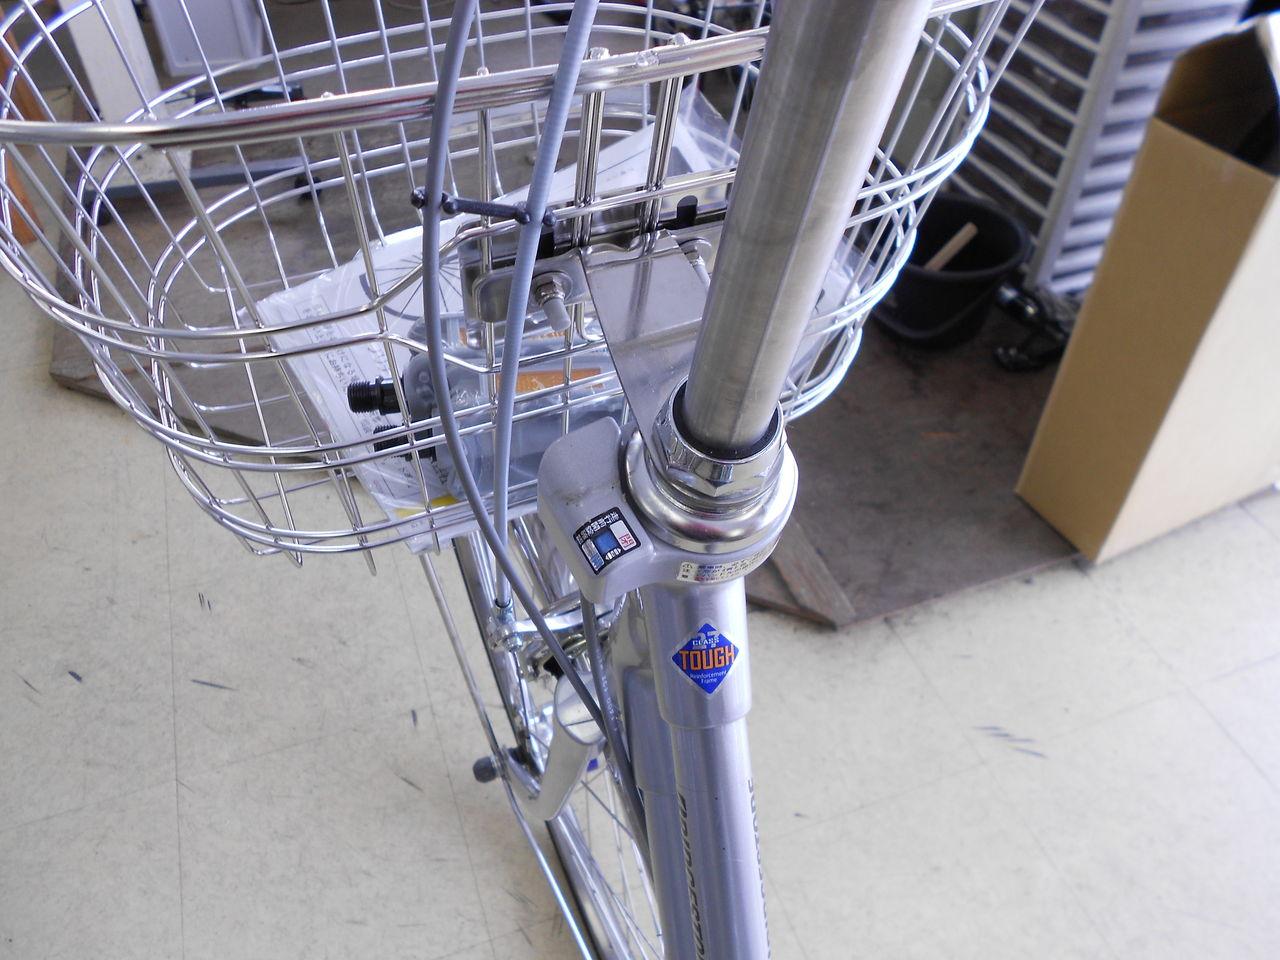 自転車の 自転車 ハンドルロック 修理 : 後ろのカギと、ハンドルロック ...